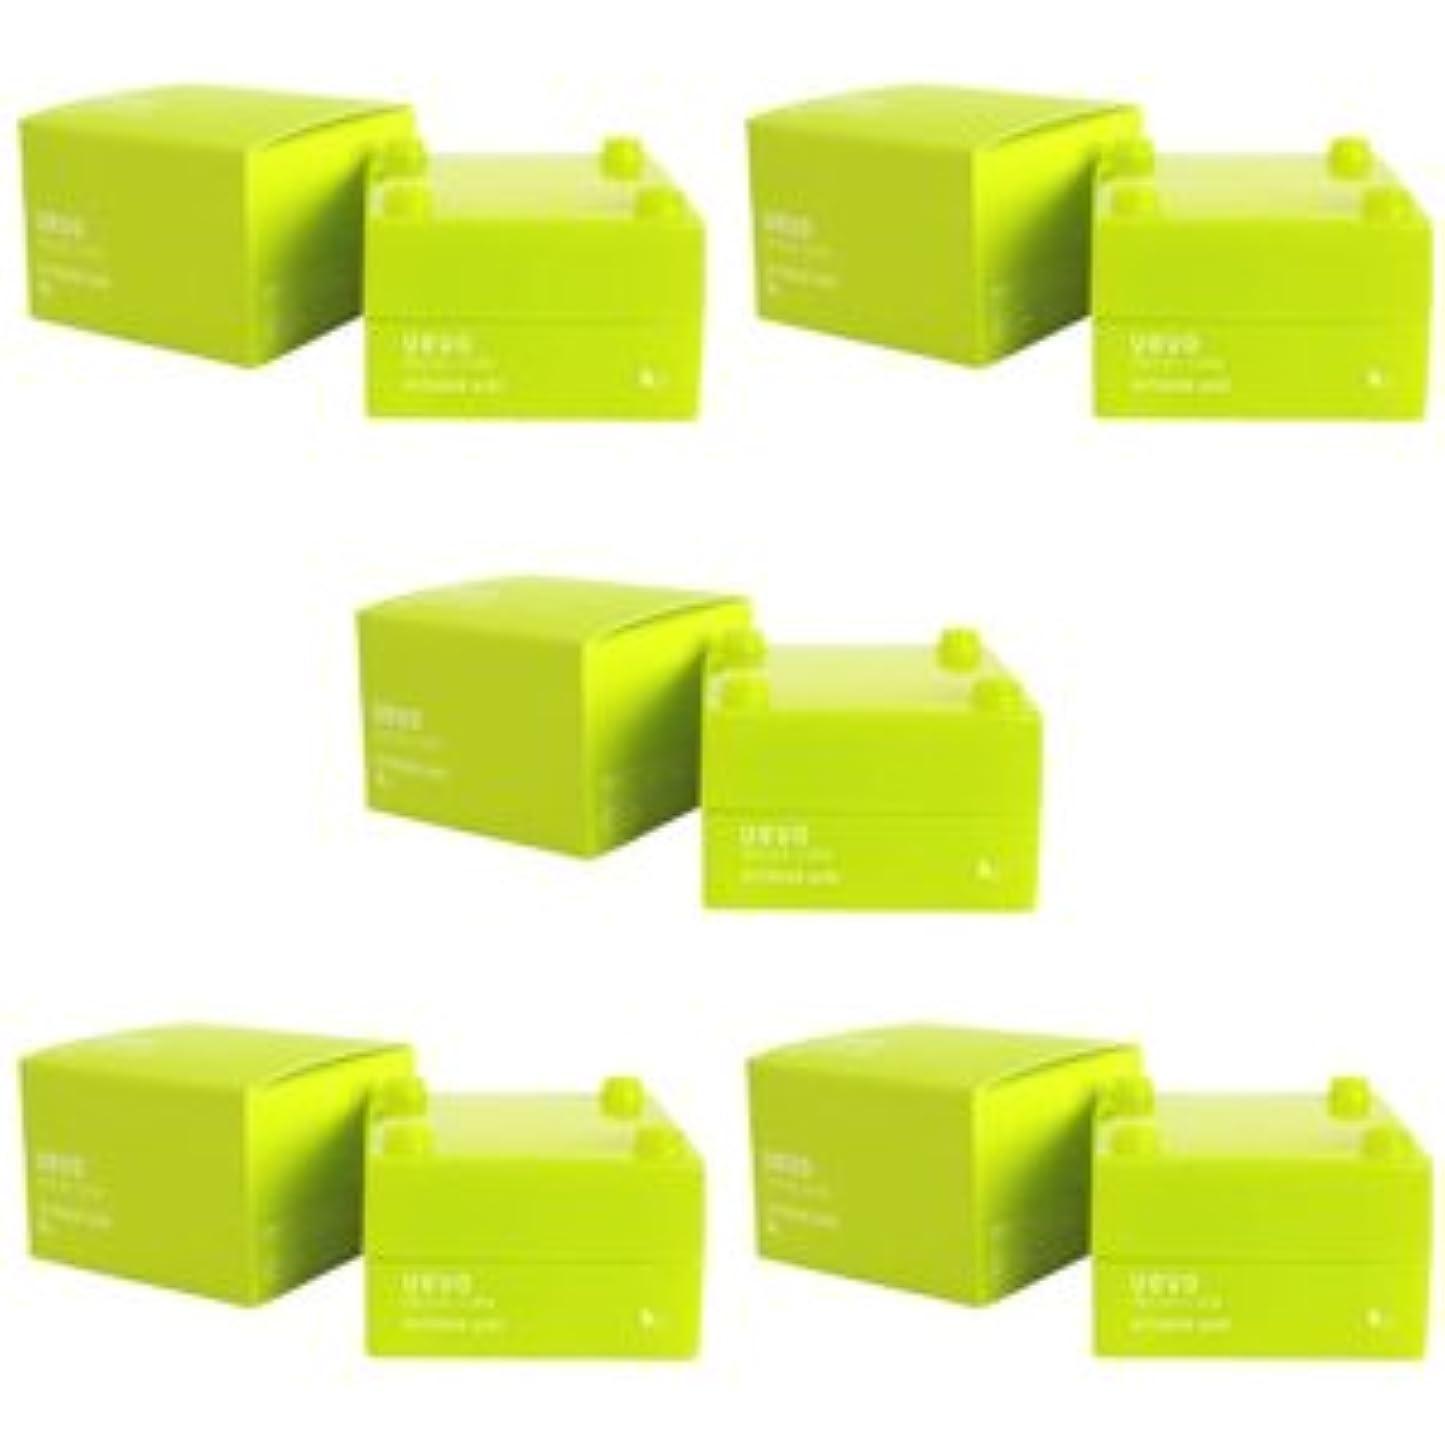 平方テンポまばたき【X5個セット】 デミ ウェーボ デザインキューブ エアルーズワックス 30g airloose wax DEMI uevo design cube